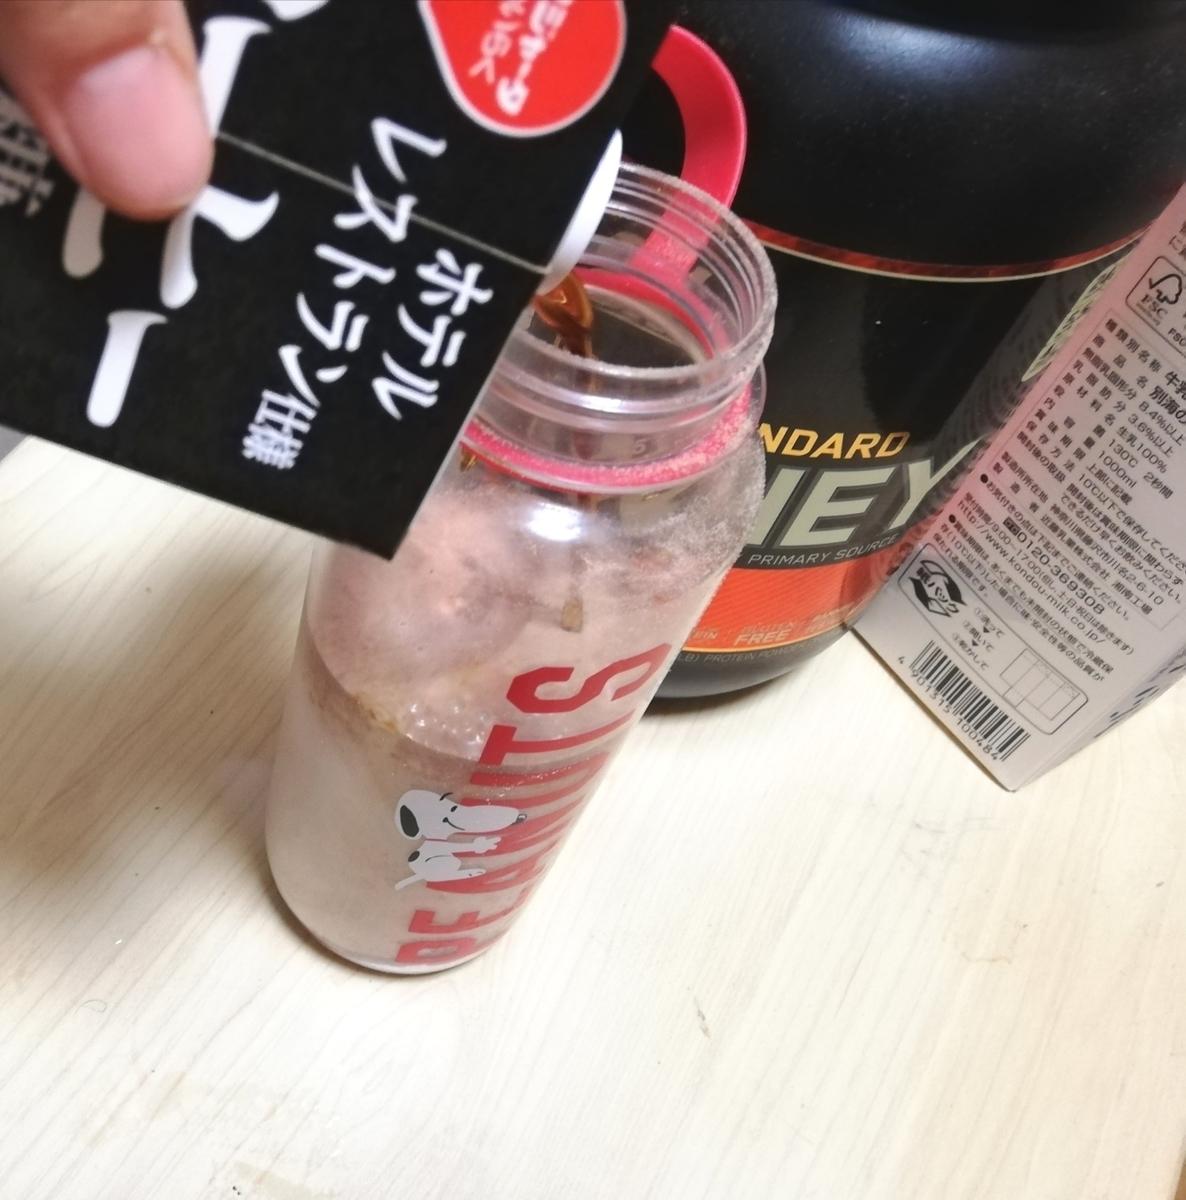 f:id:natsumikan88:20210309123839j:plain